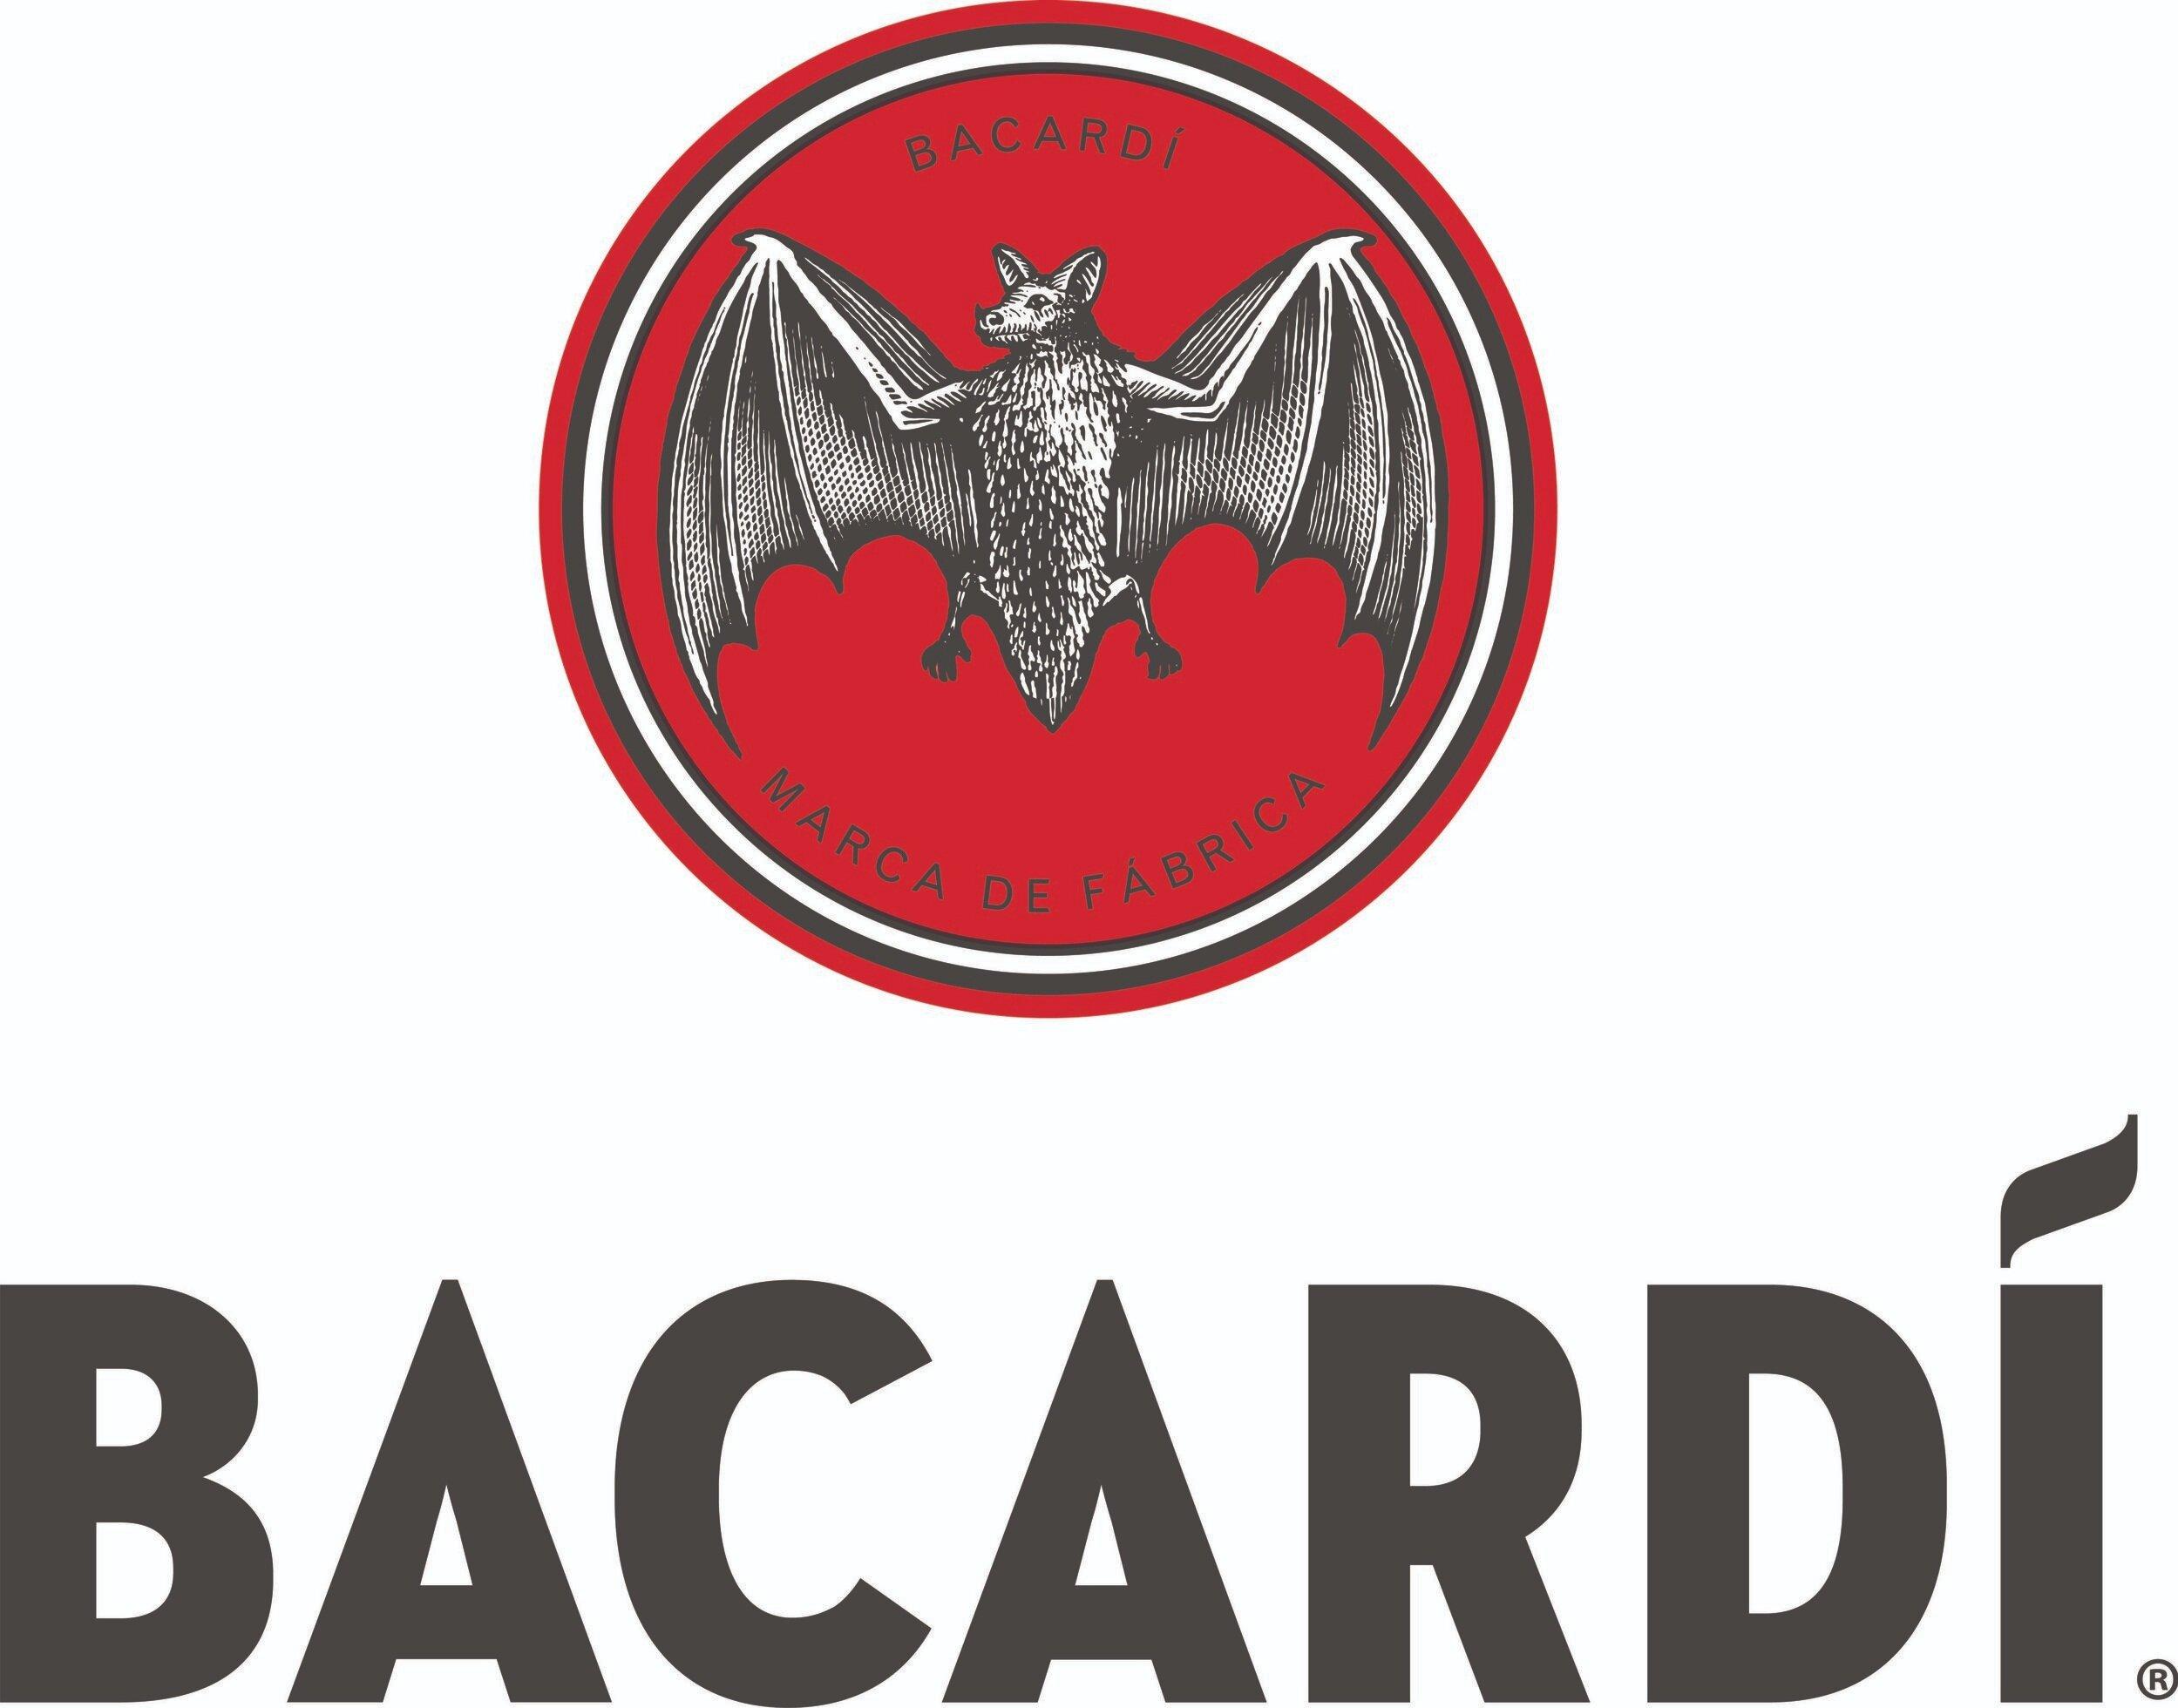 Bacardi_Stacked Logo.jpg